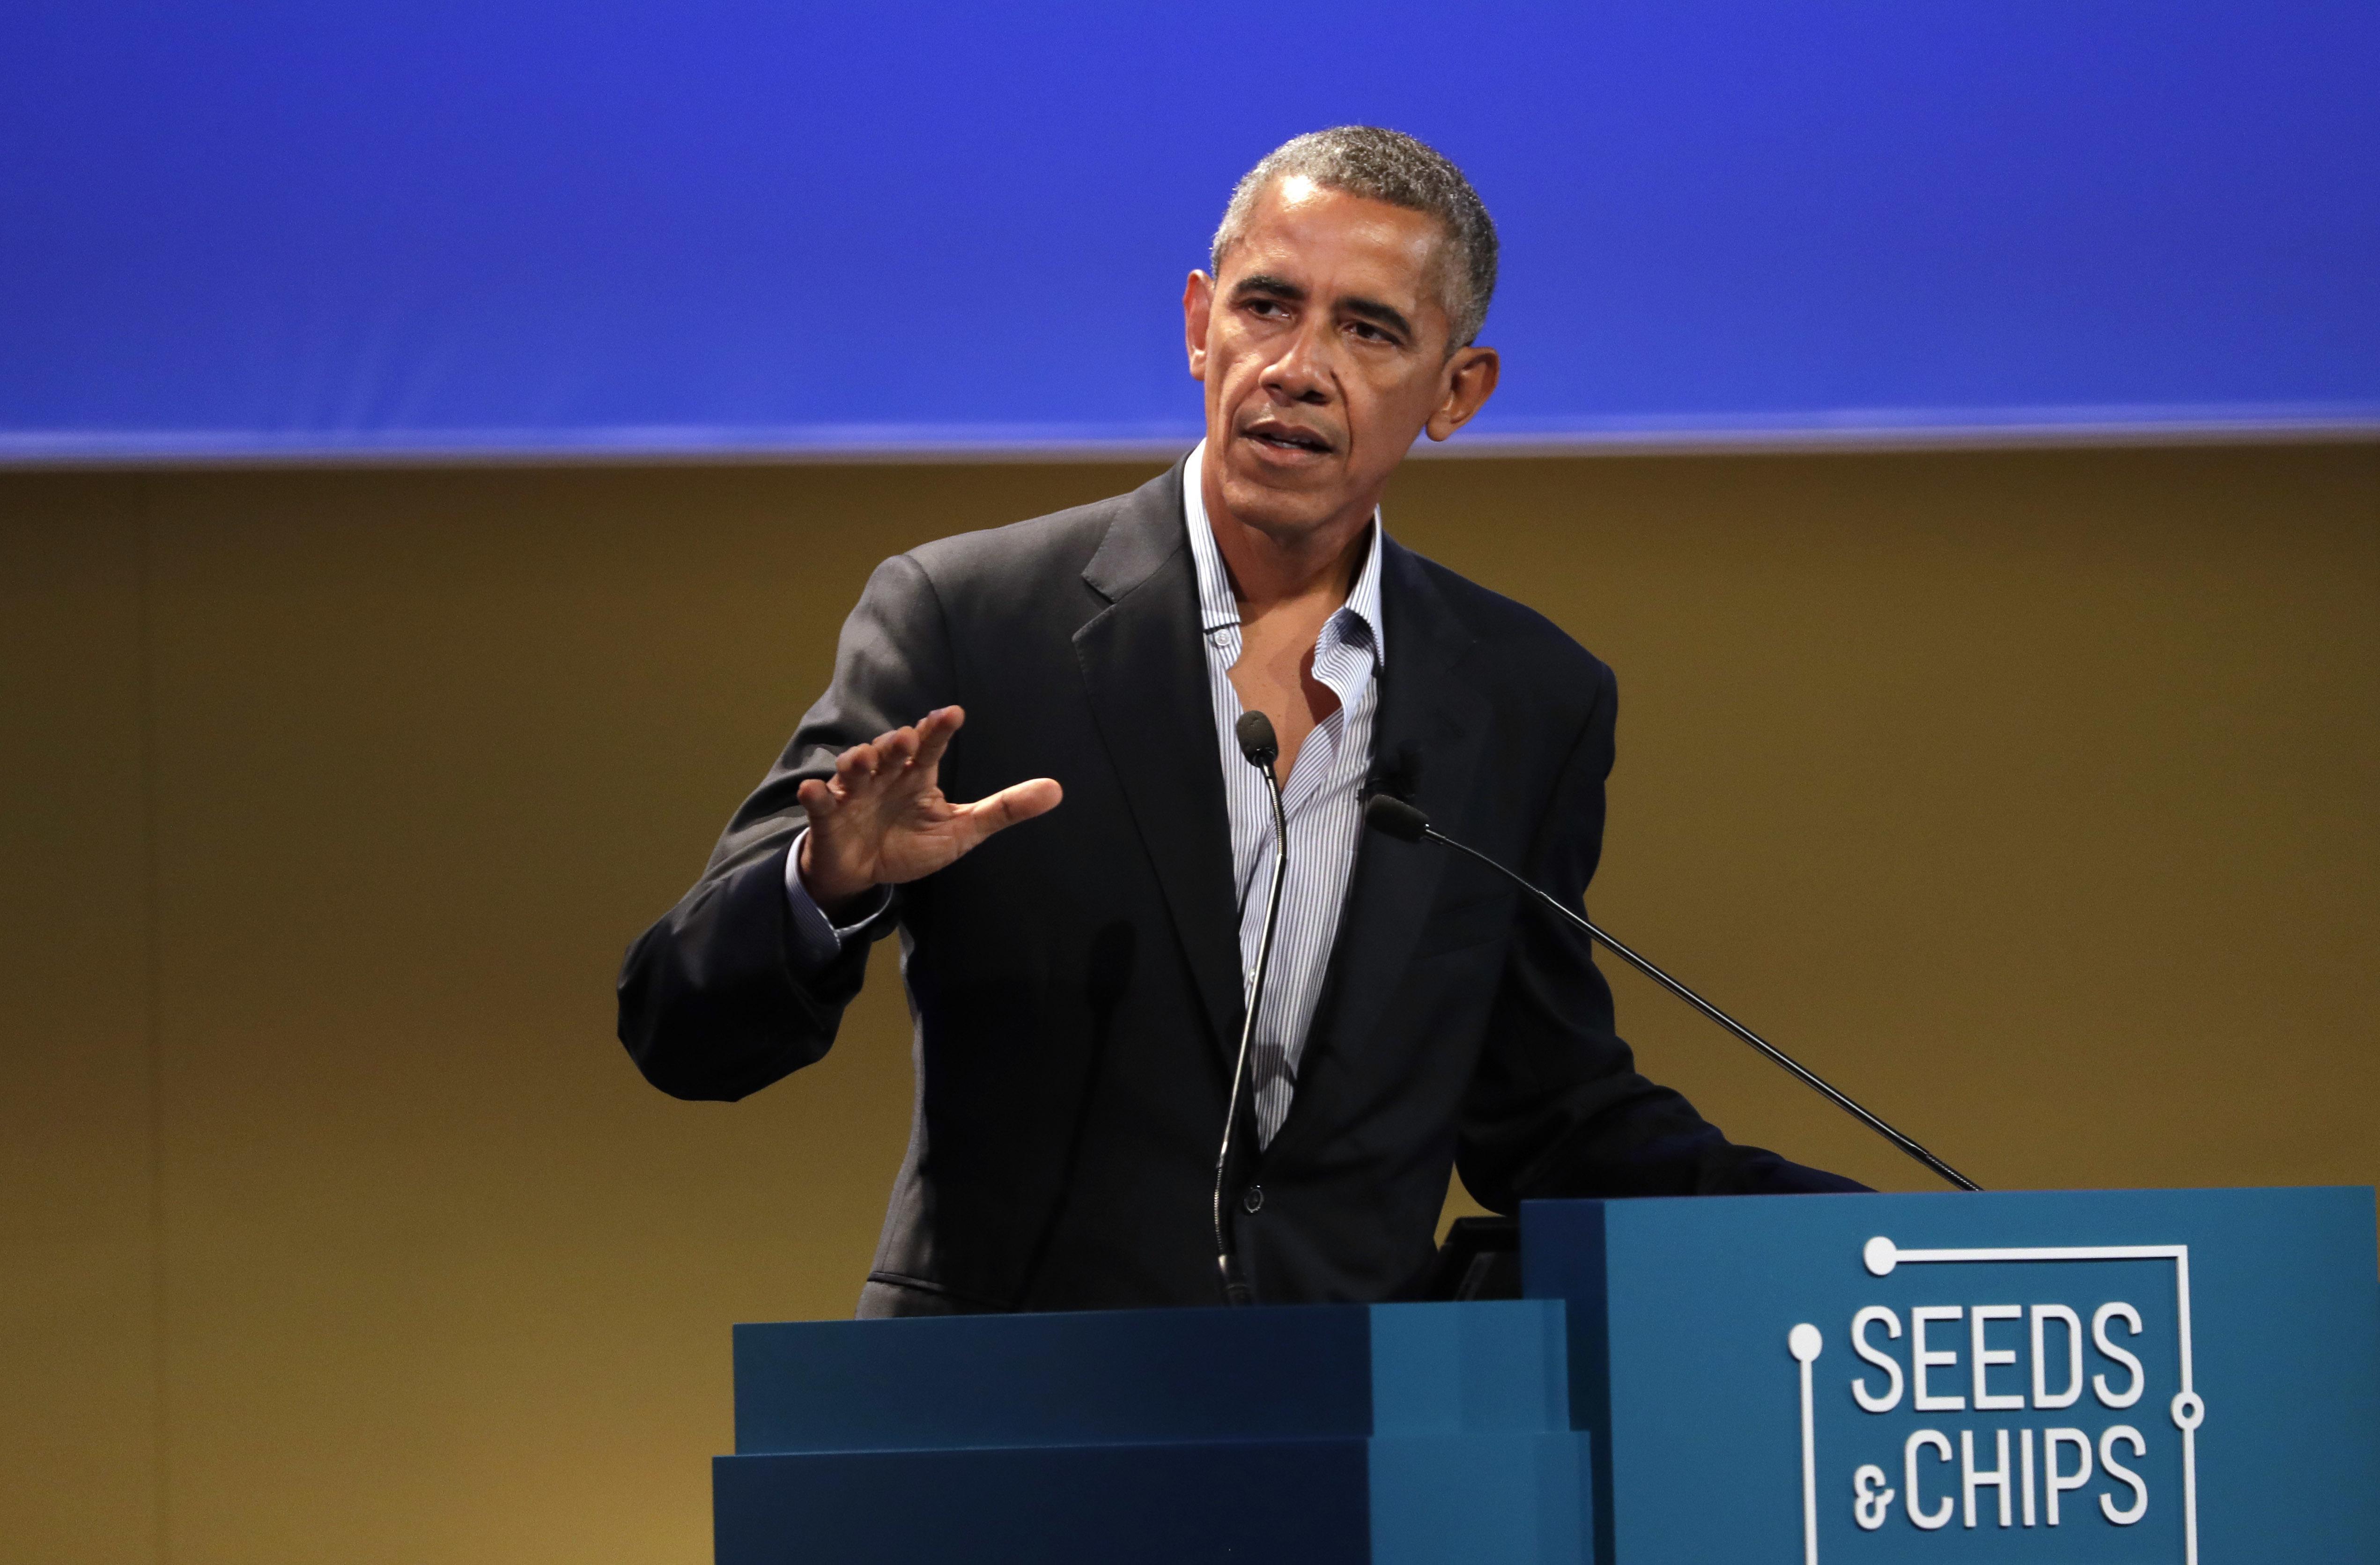 Usa, un giudice Texas dichiara incostituzionale l'Obamacare. Trump esulta